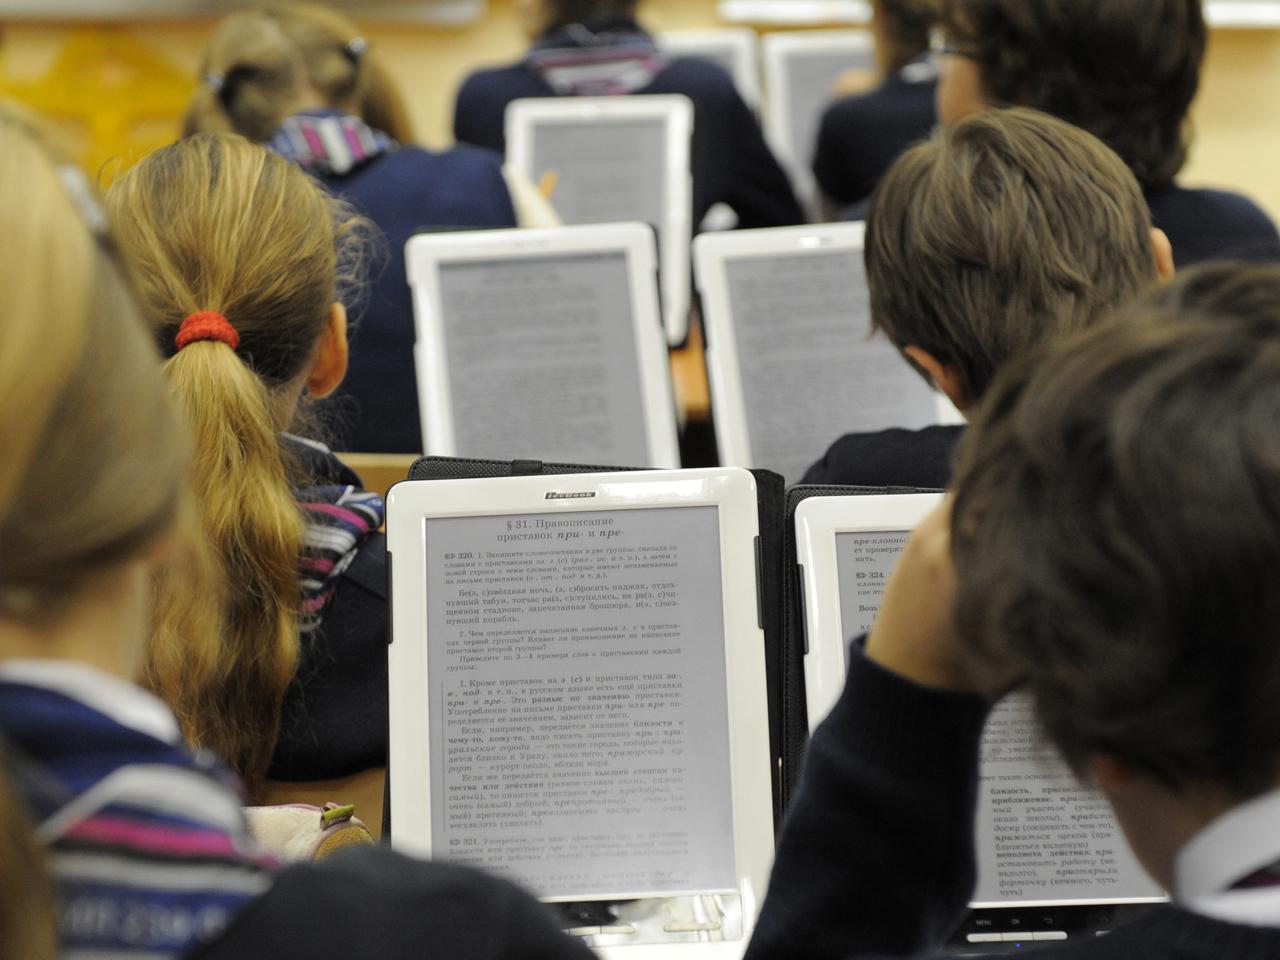 Больше половины школьников Вологодской области хотят работать с электронными учебниками